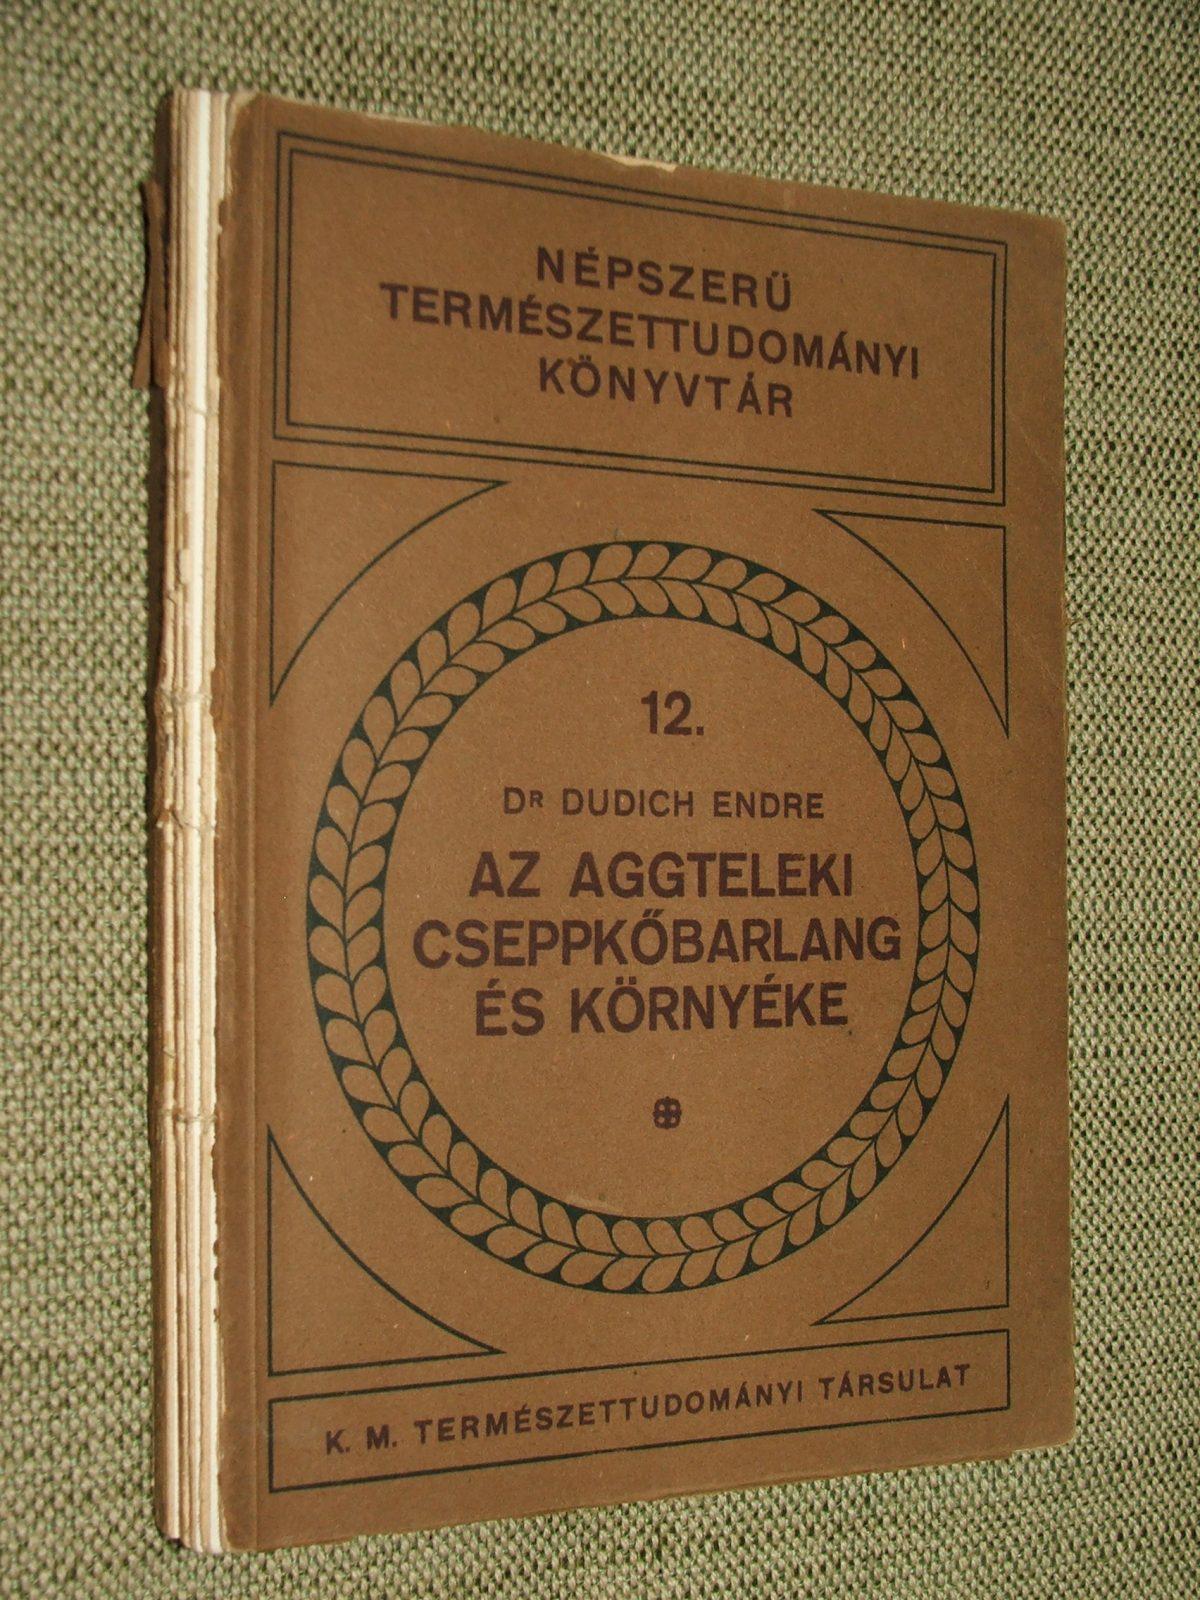 DUDICH Endre: Az Aggteleki cseppkőbarlang és környéke